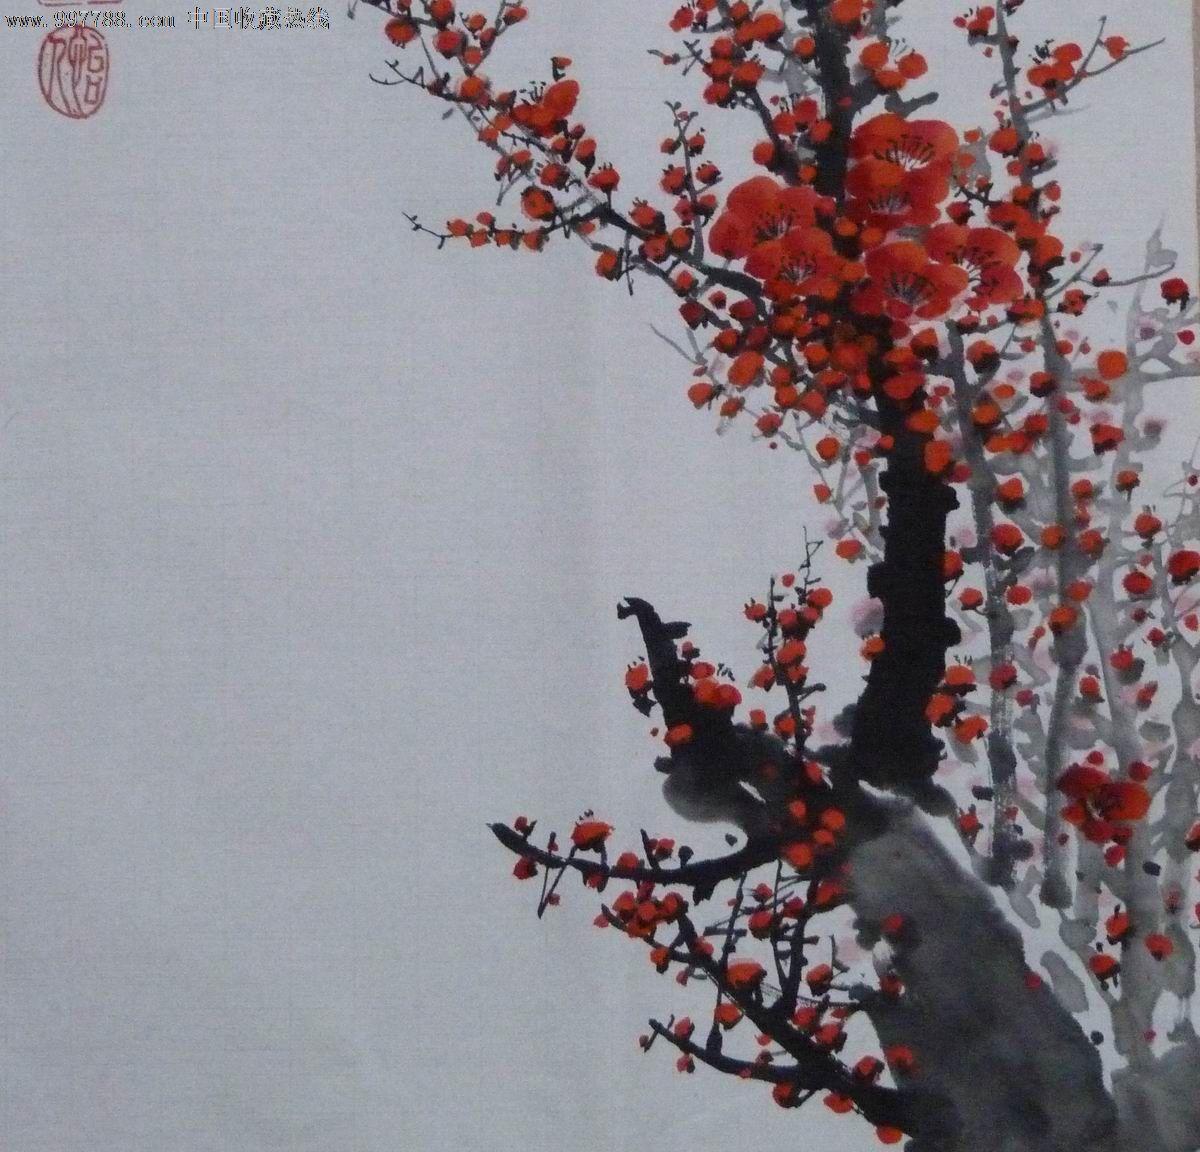 作者介绍:怡人:原名邹建斌,又名见兵,笔名怡人,江西东乡人,中国书画艺术家协会会员,业余时间开始自学在陶瓷上绘画,多年来主要从事釉上新彩人物瓷像、工笔花鸟、山水,釉下写意花鸟、人物等陶瓷工艺美术的创作。尺寸规格:69cm34.8cm